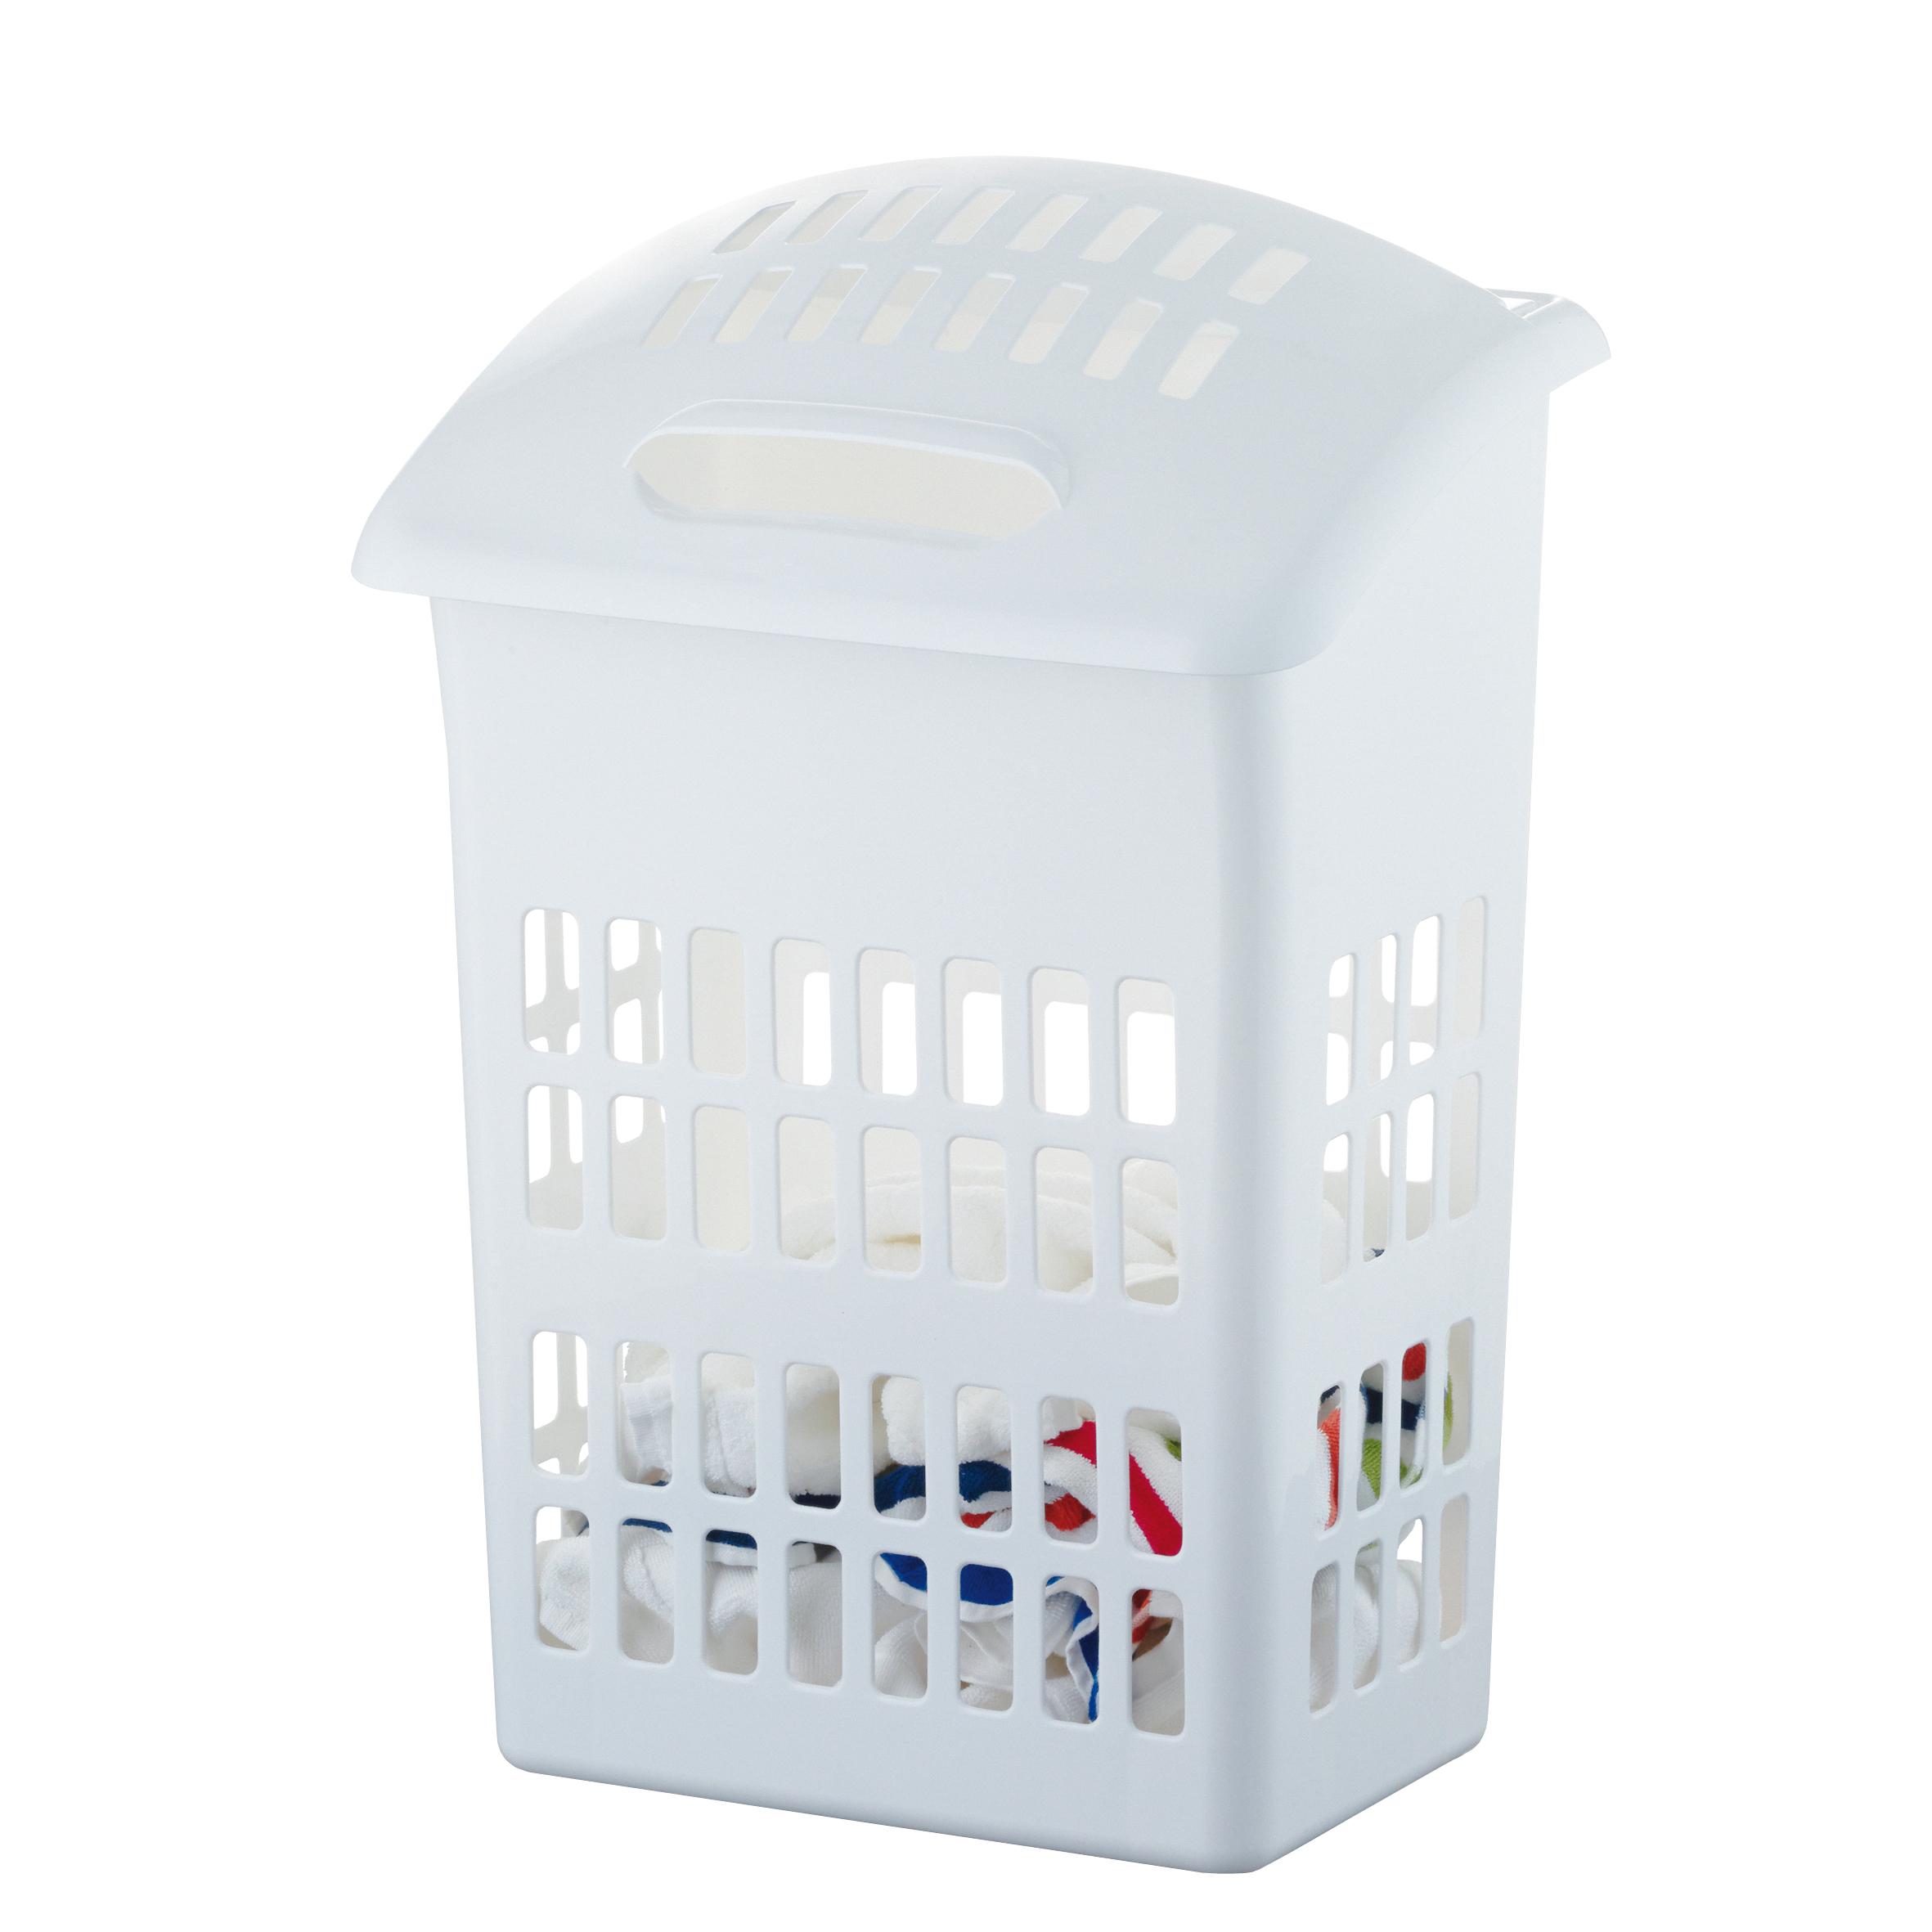 Корзина для белья Axentia, с крышкой, 44 х 31 х 67 см41616Корзина для белья Axentia изготовлена из высококачественного пластика. Имеет специальные отверстия, для того, чтобы ваше белье не сопрело. Подходит для хранения обуви или игрушек.Современный дизайн корзины украсит любой интерьер ванной комнаты.Размер корзины: 44 х 31 х 67 см.